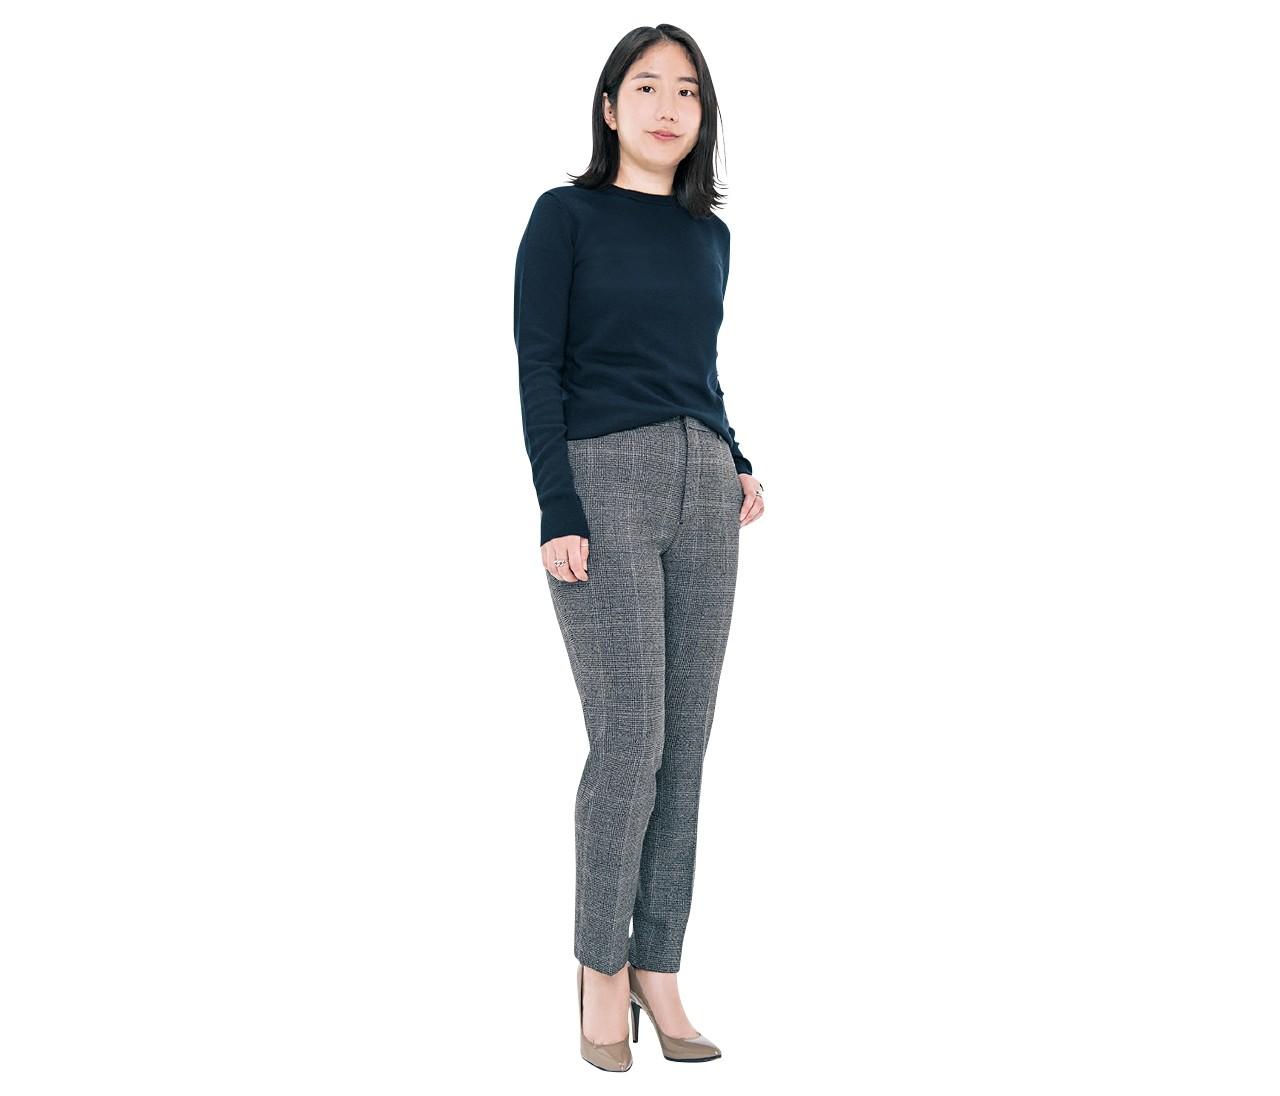 【整形級パンツ】身長161cm平均女子「-2キロ見え」をめざすパンツ選び